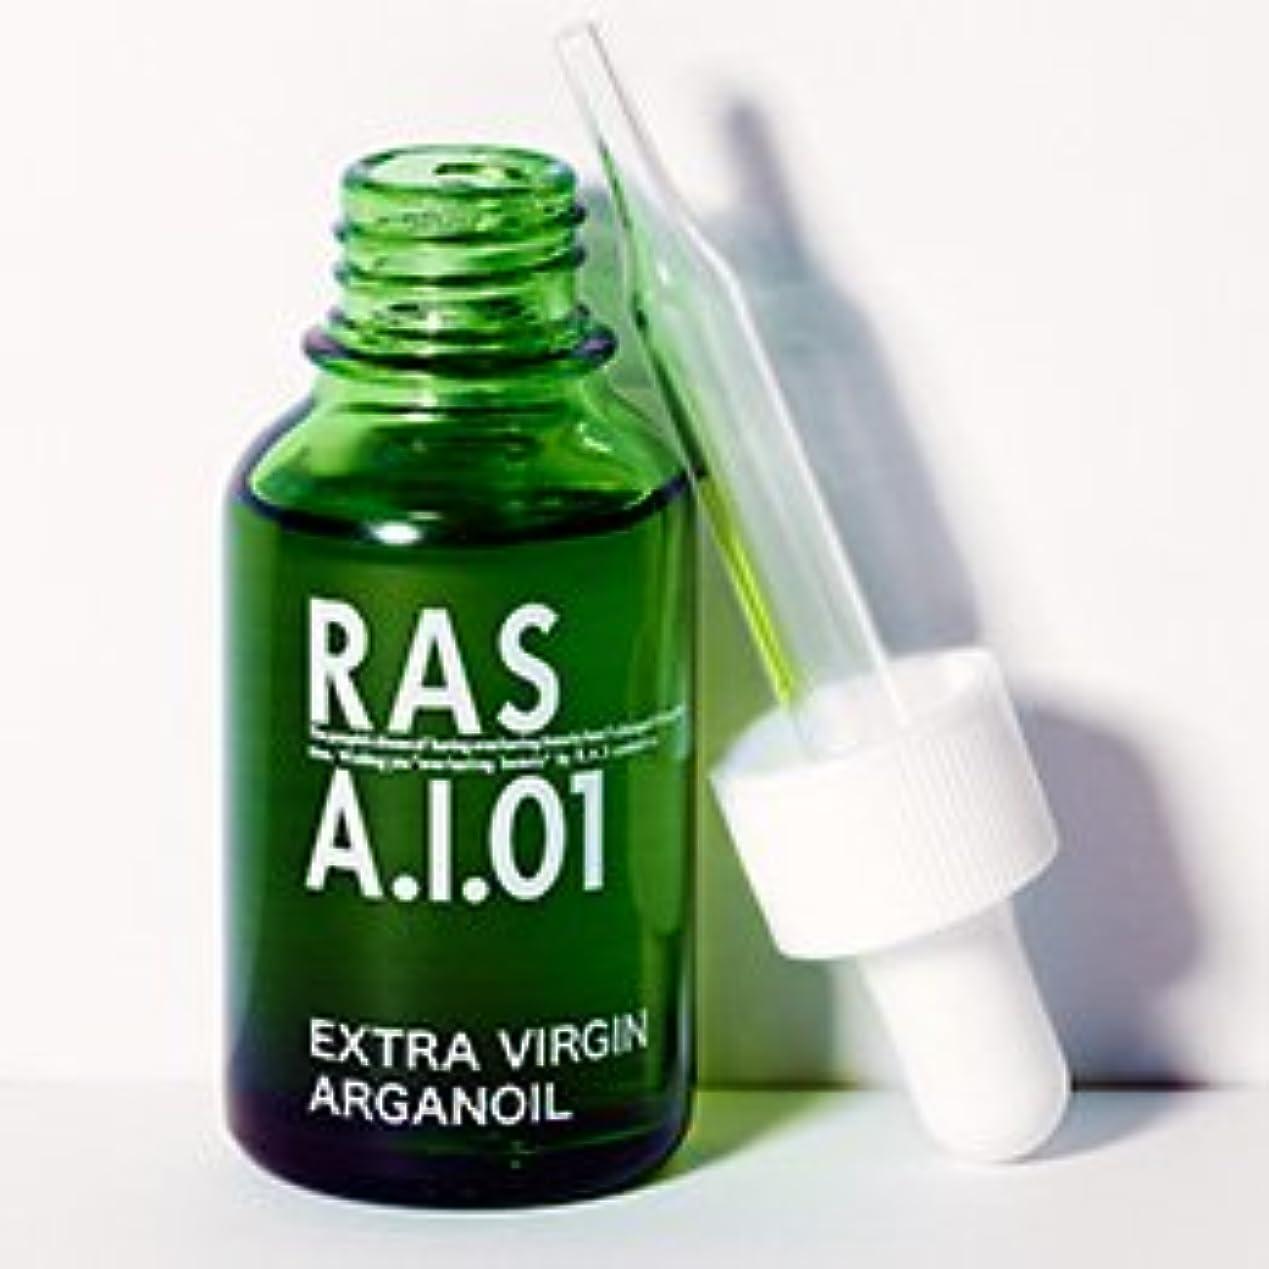 強度ビスケット奇妙なRAS A.I.01 アルガンオイル 30ml 超高圧熟成